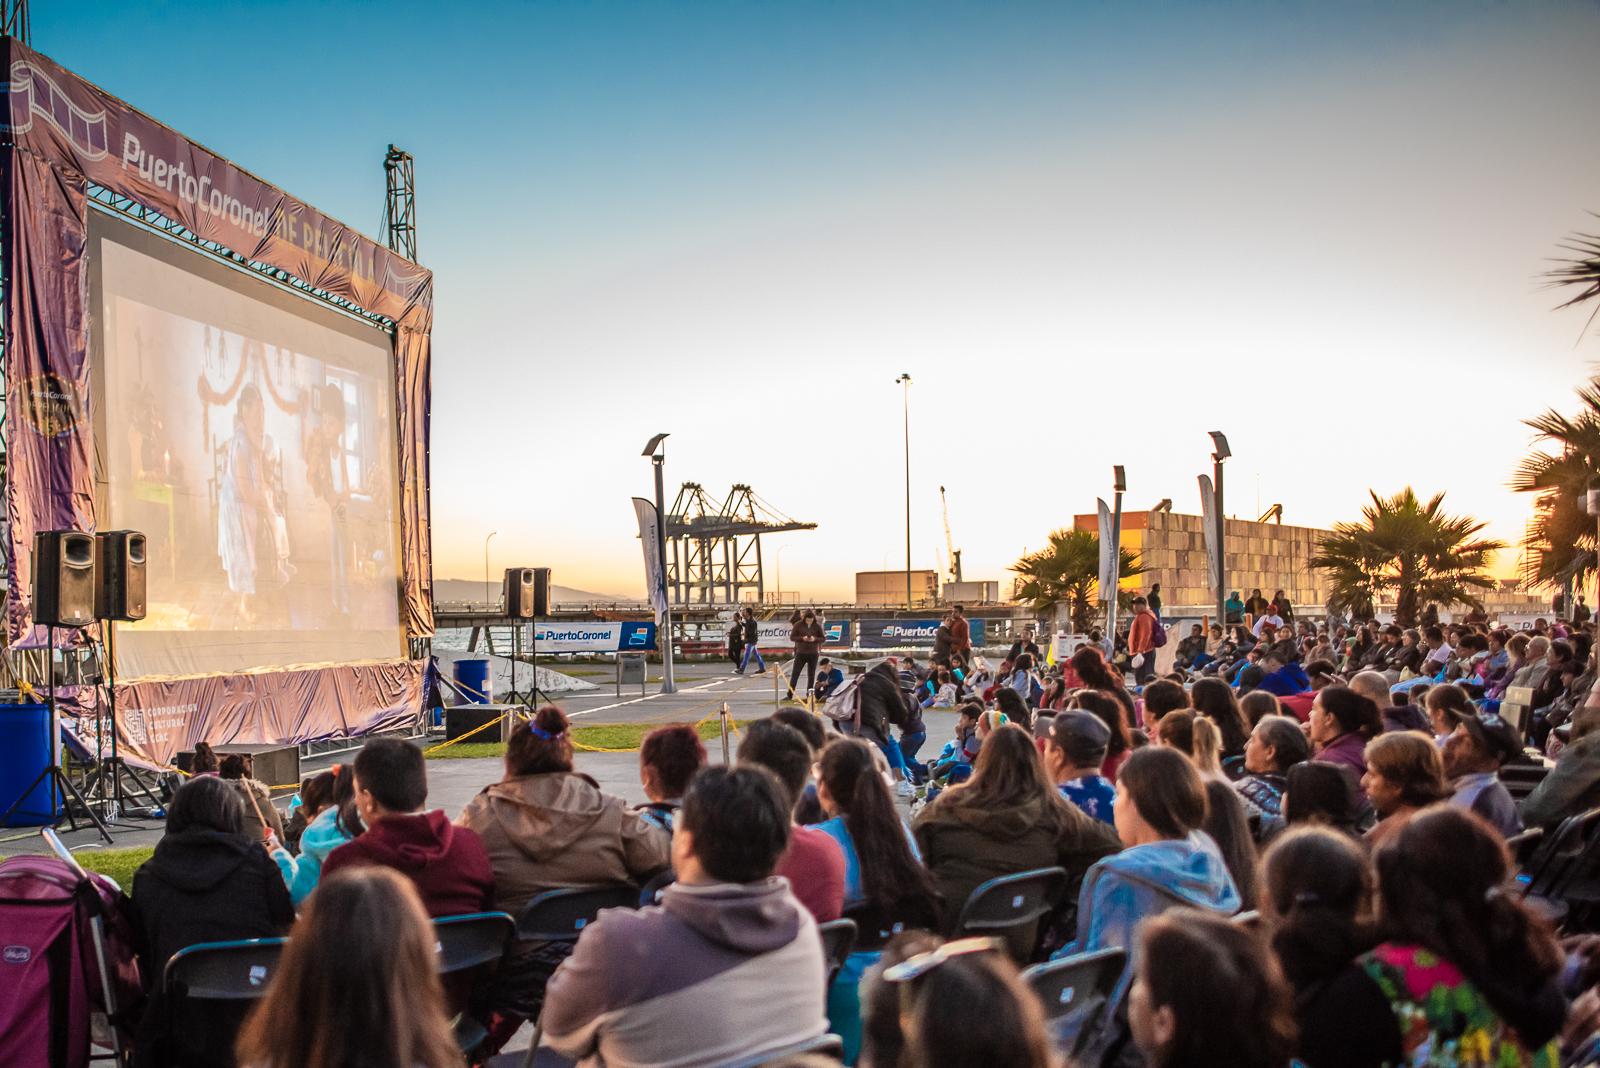 Puerto Coronel realiza su quinta edición de ciclos de cine al aire libre